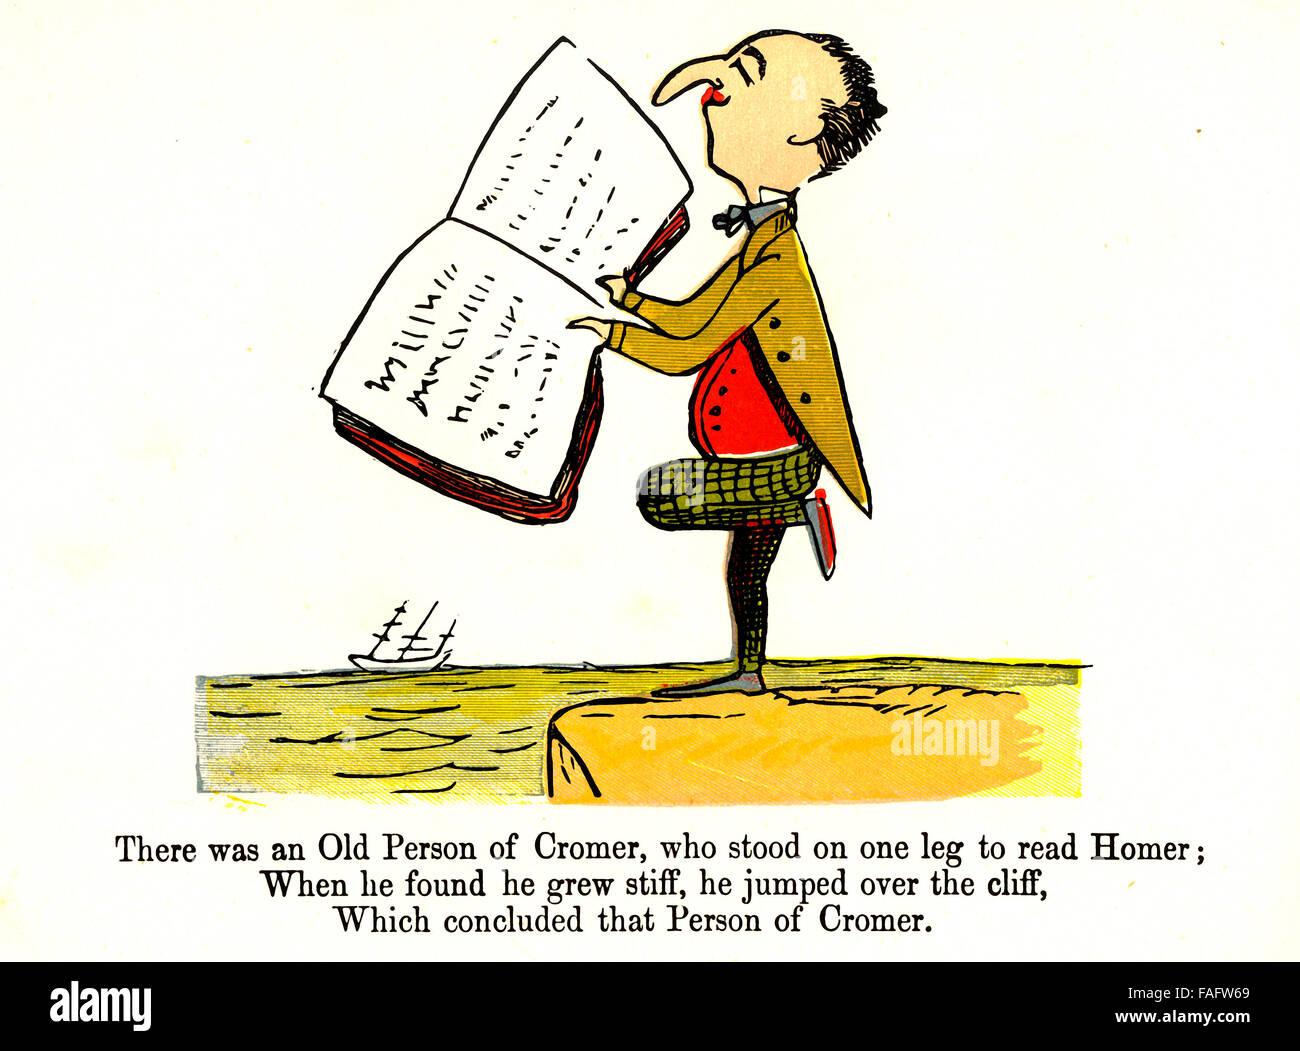 Il y avait une vieille personne de Cromer - an illustrated limerick par Edward Lear Photo Stock